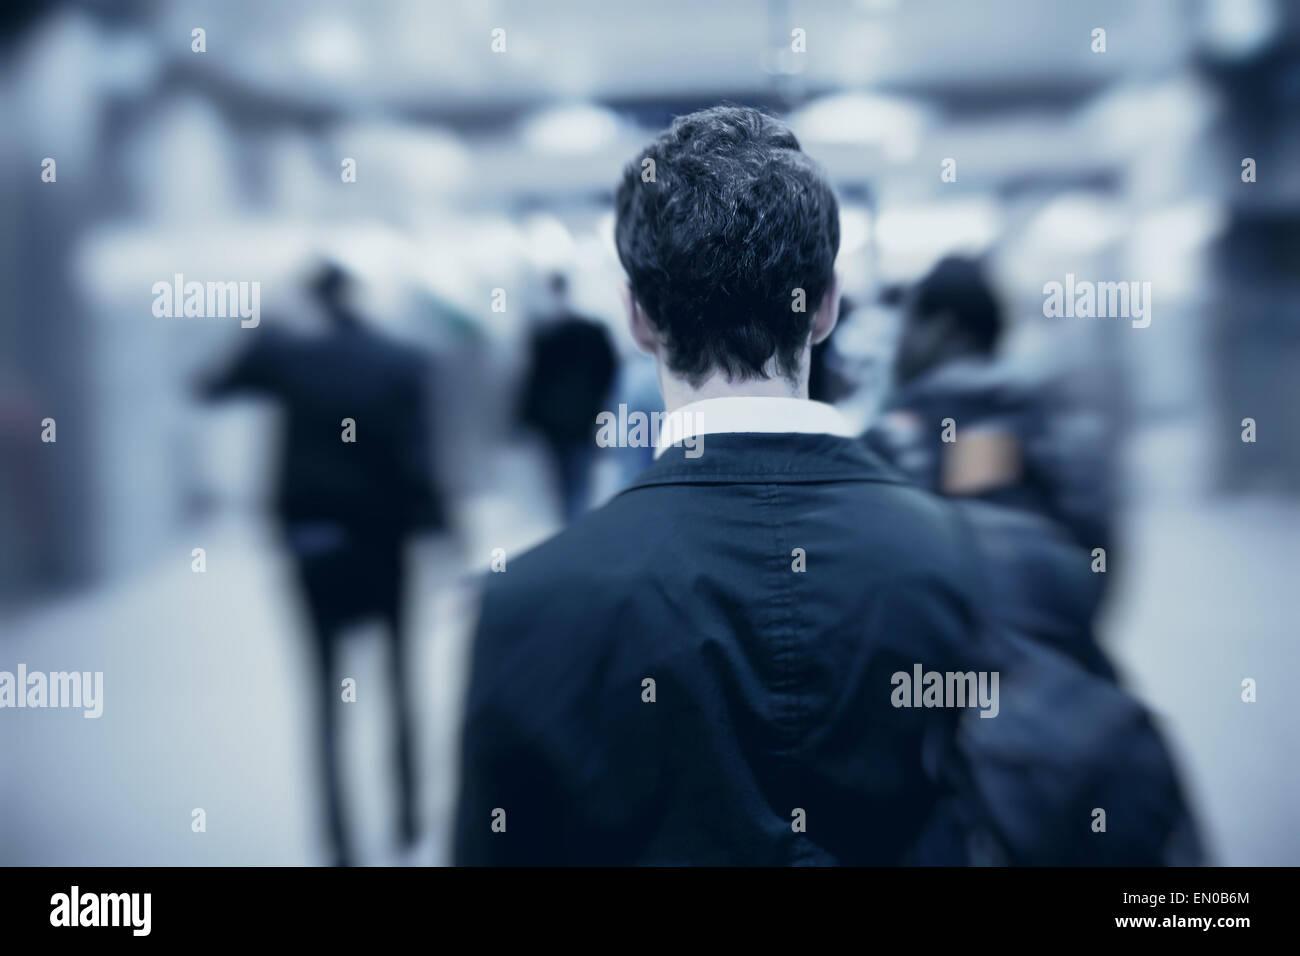 Menschen zu Fuß, u-Bahn, verschwommene Bewegung, Rückseite der Mann Stockbild